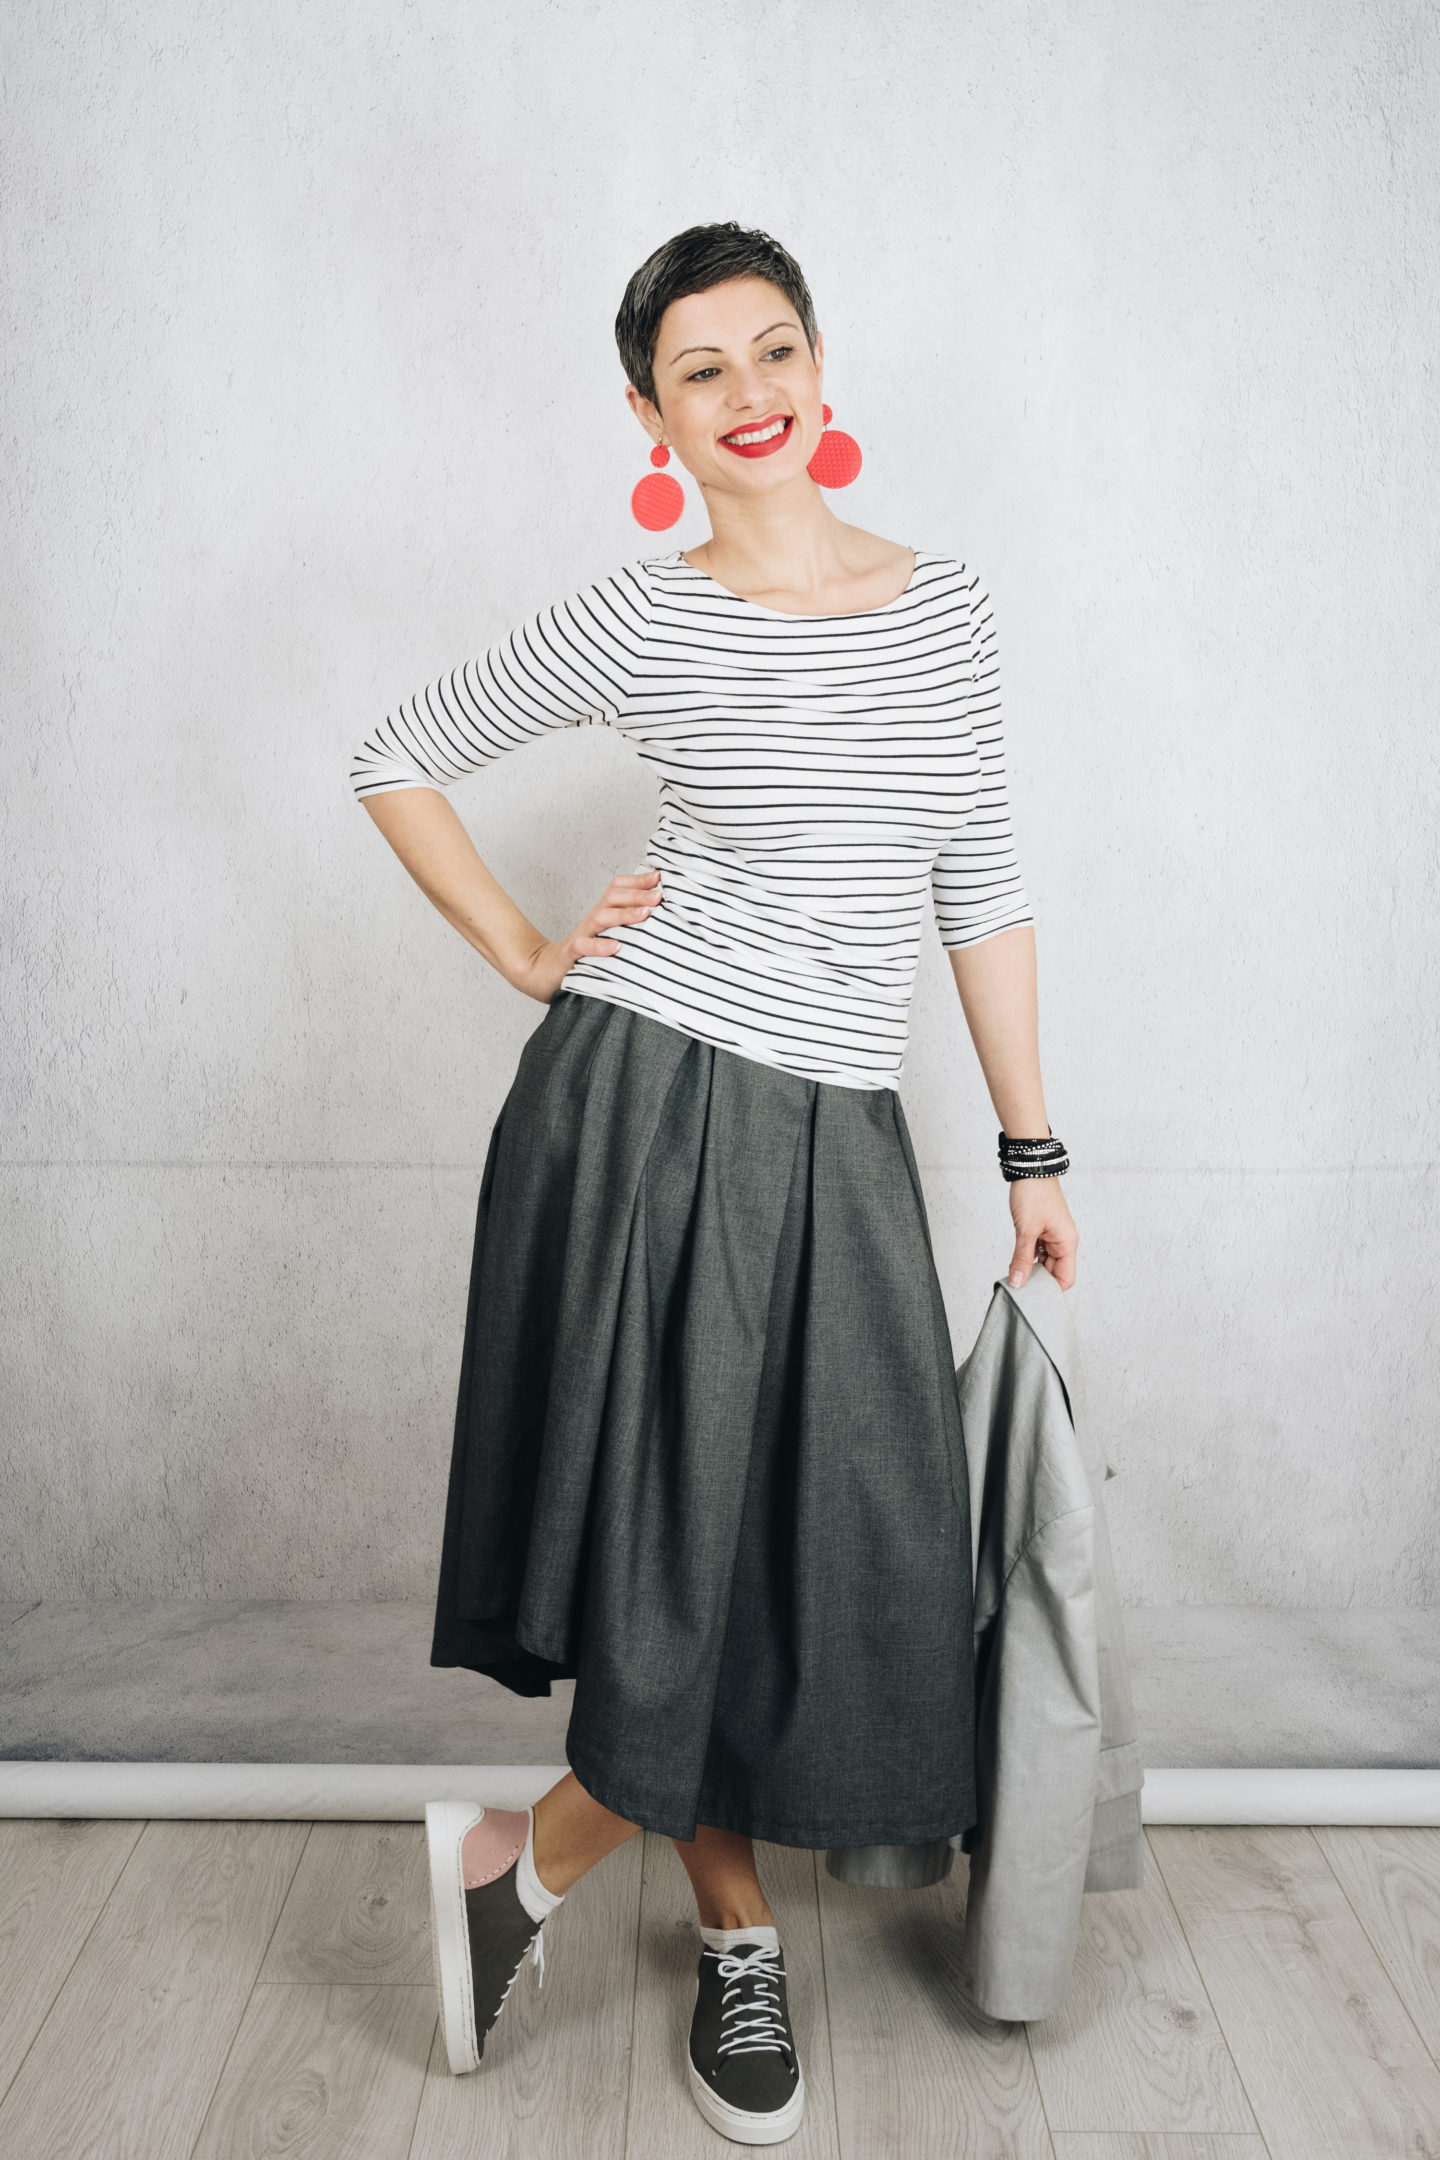 How to style an asymmetric pleated grey skirt (Burda Style 03/2015 #104)